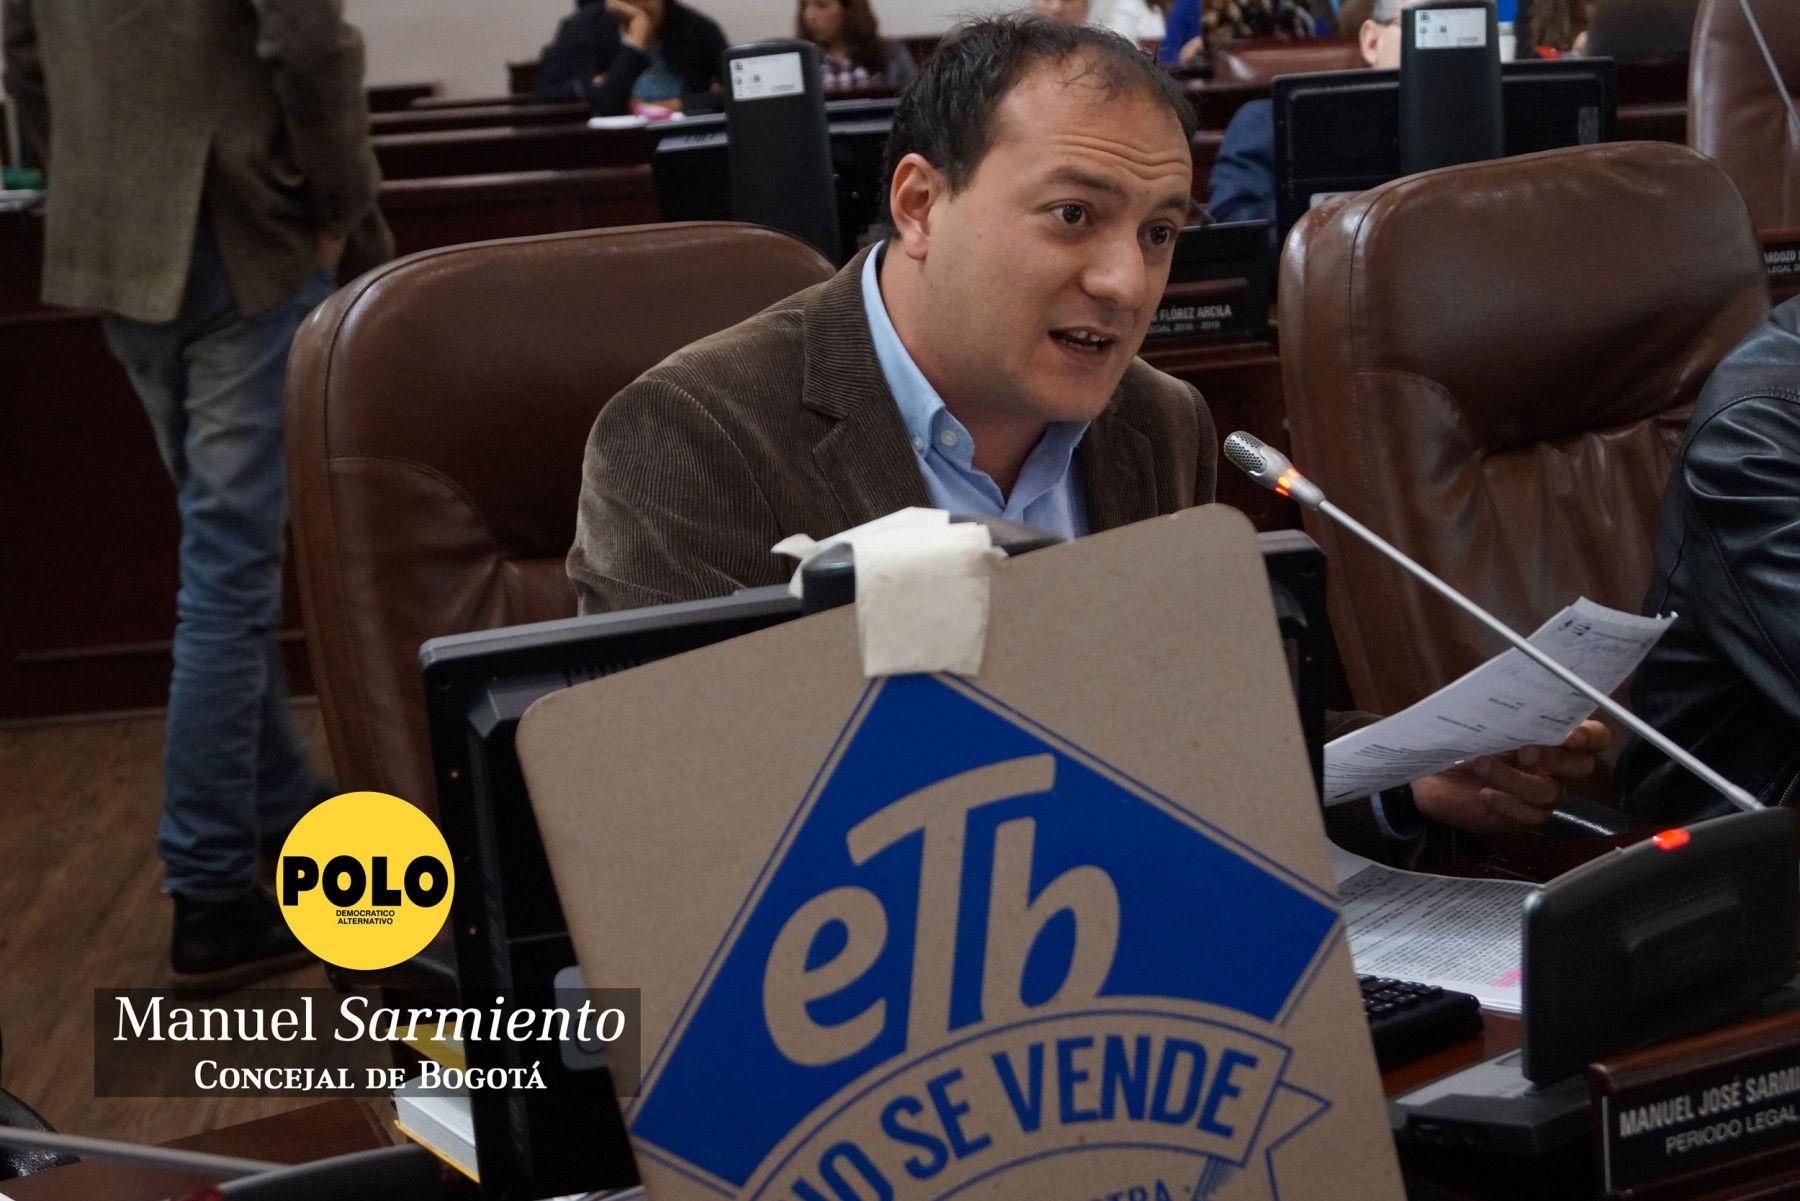 Polo Democrático Alternativo votó negativamente el Presupuesto de Peñalosa para el 2017